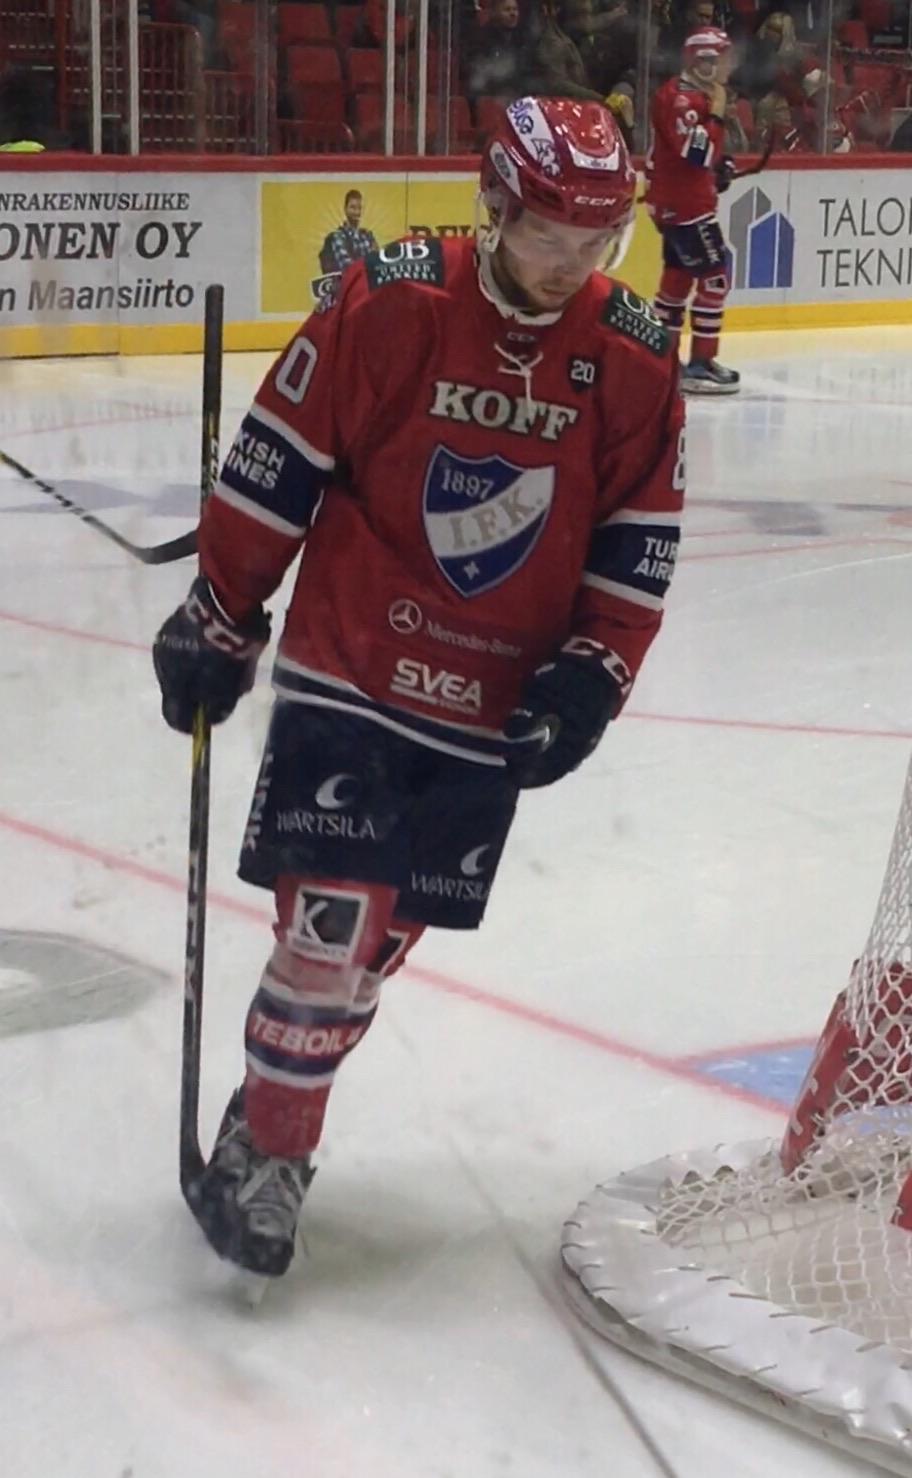 Thomas Nykopp